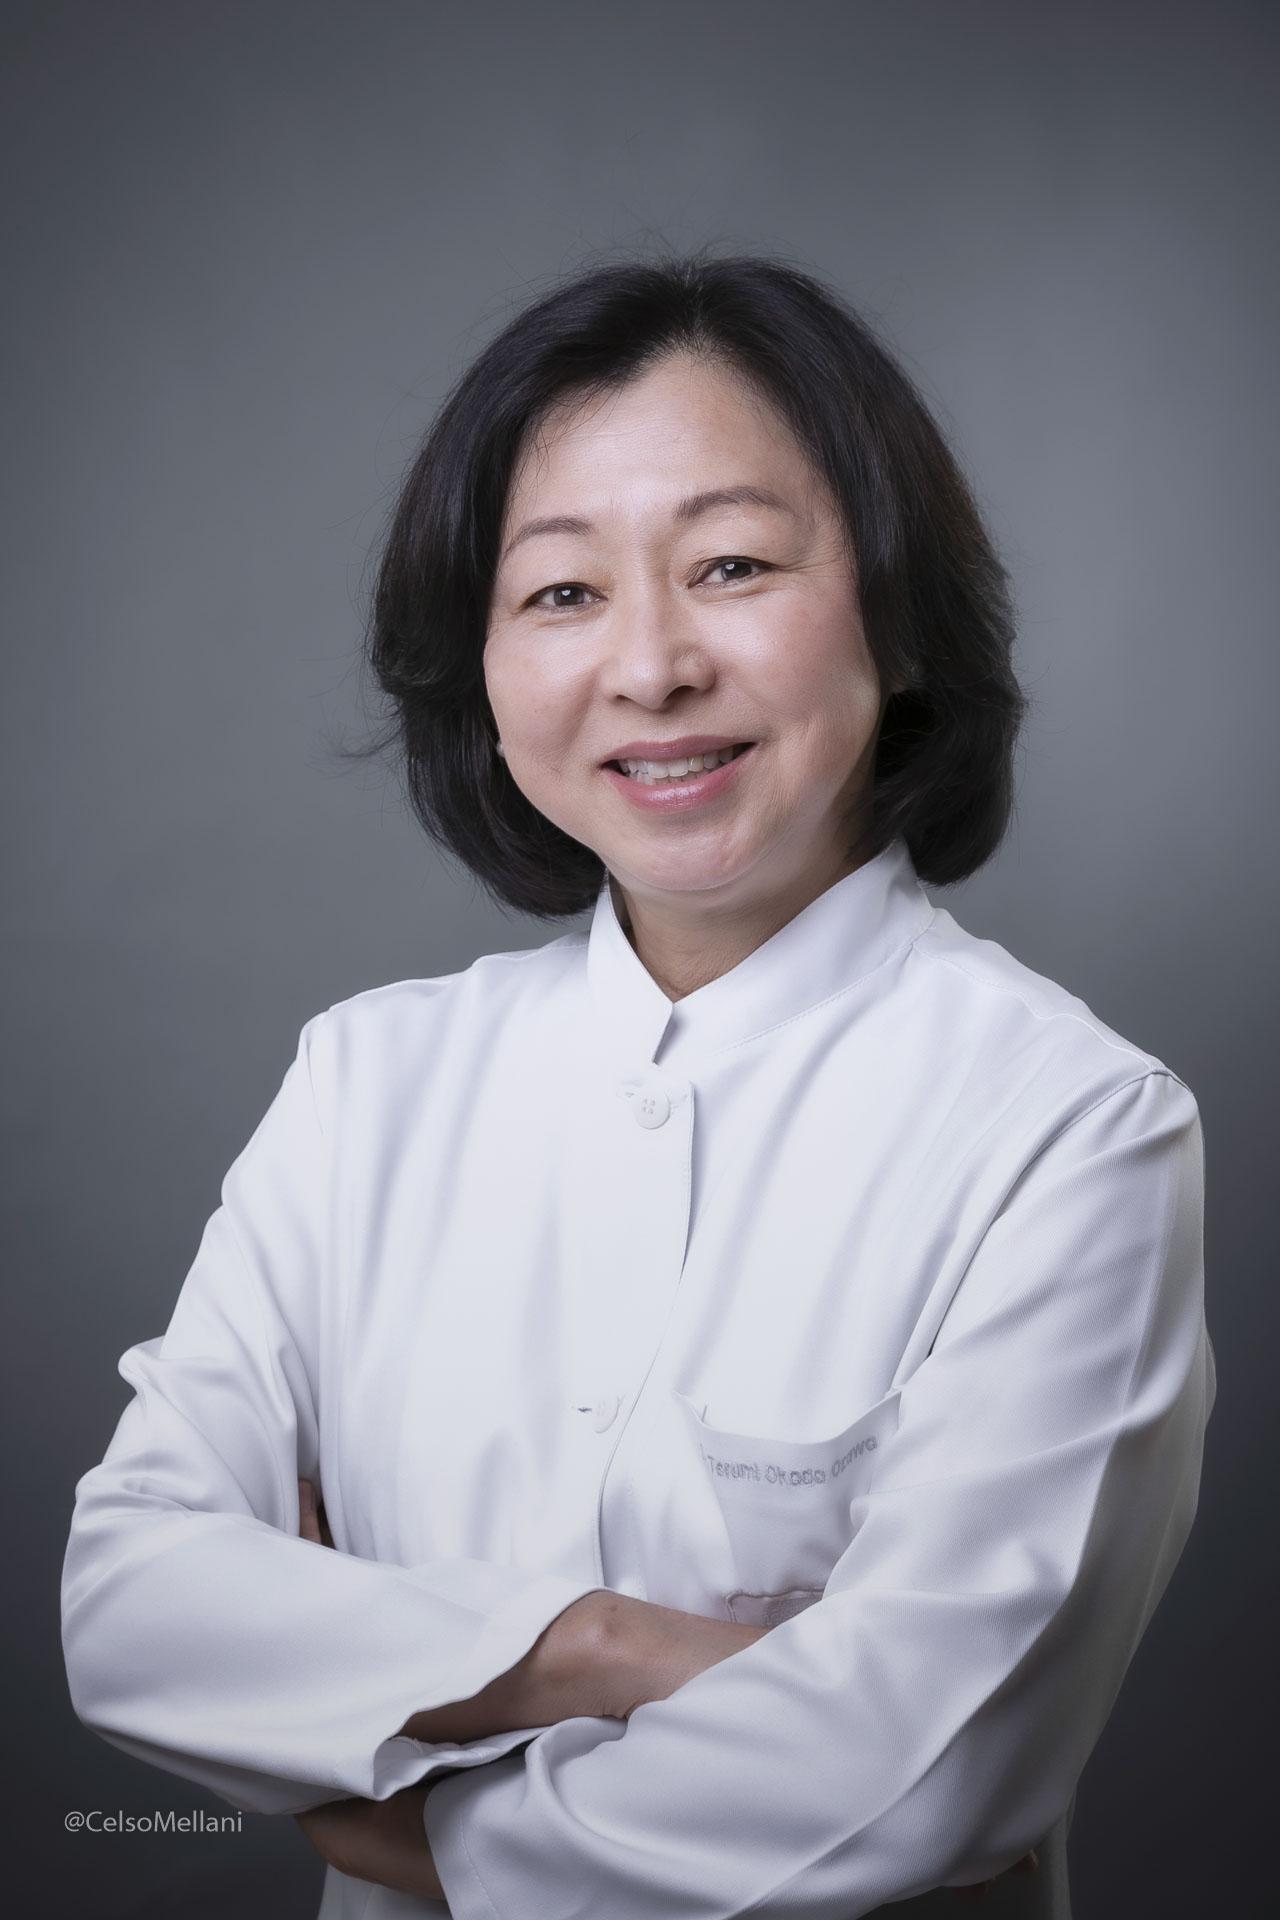 Terumi Okada Ozawa